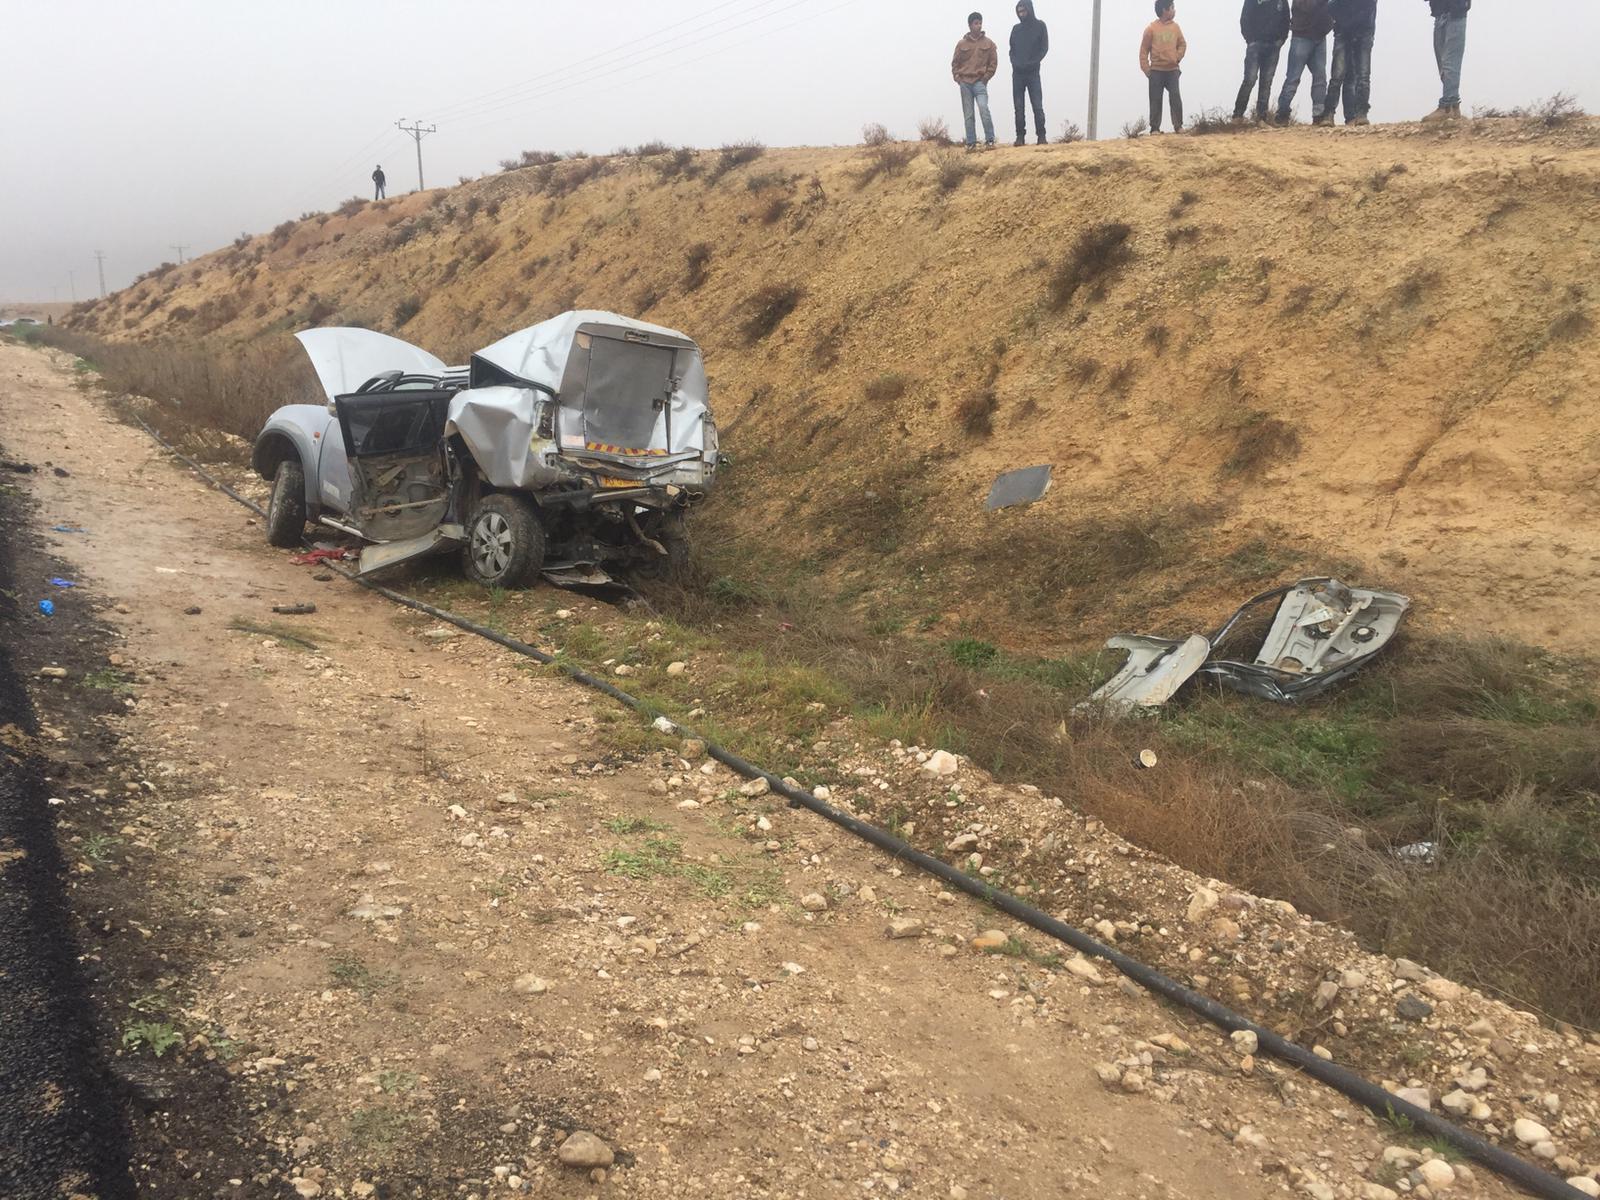 النقب: 5 إصابات بينها خطيرة في حادث طرق